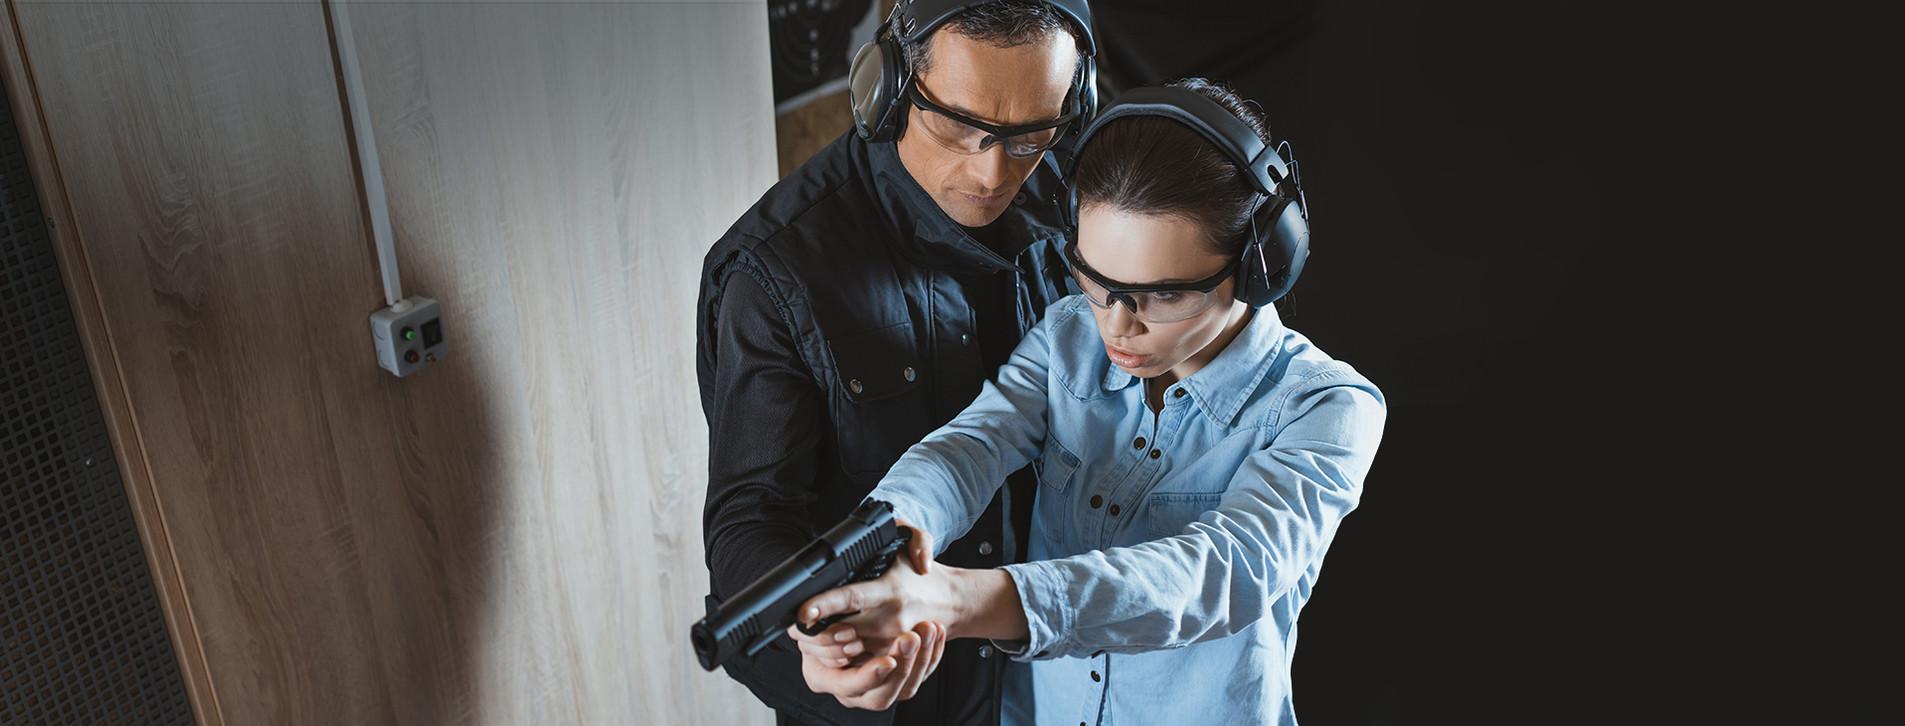 Фото - Стрельба из травматического пистолета для двоих